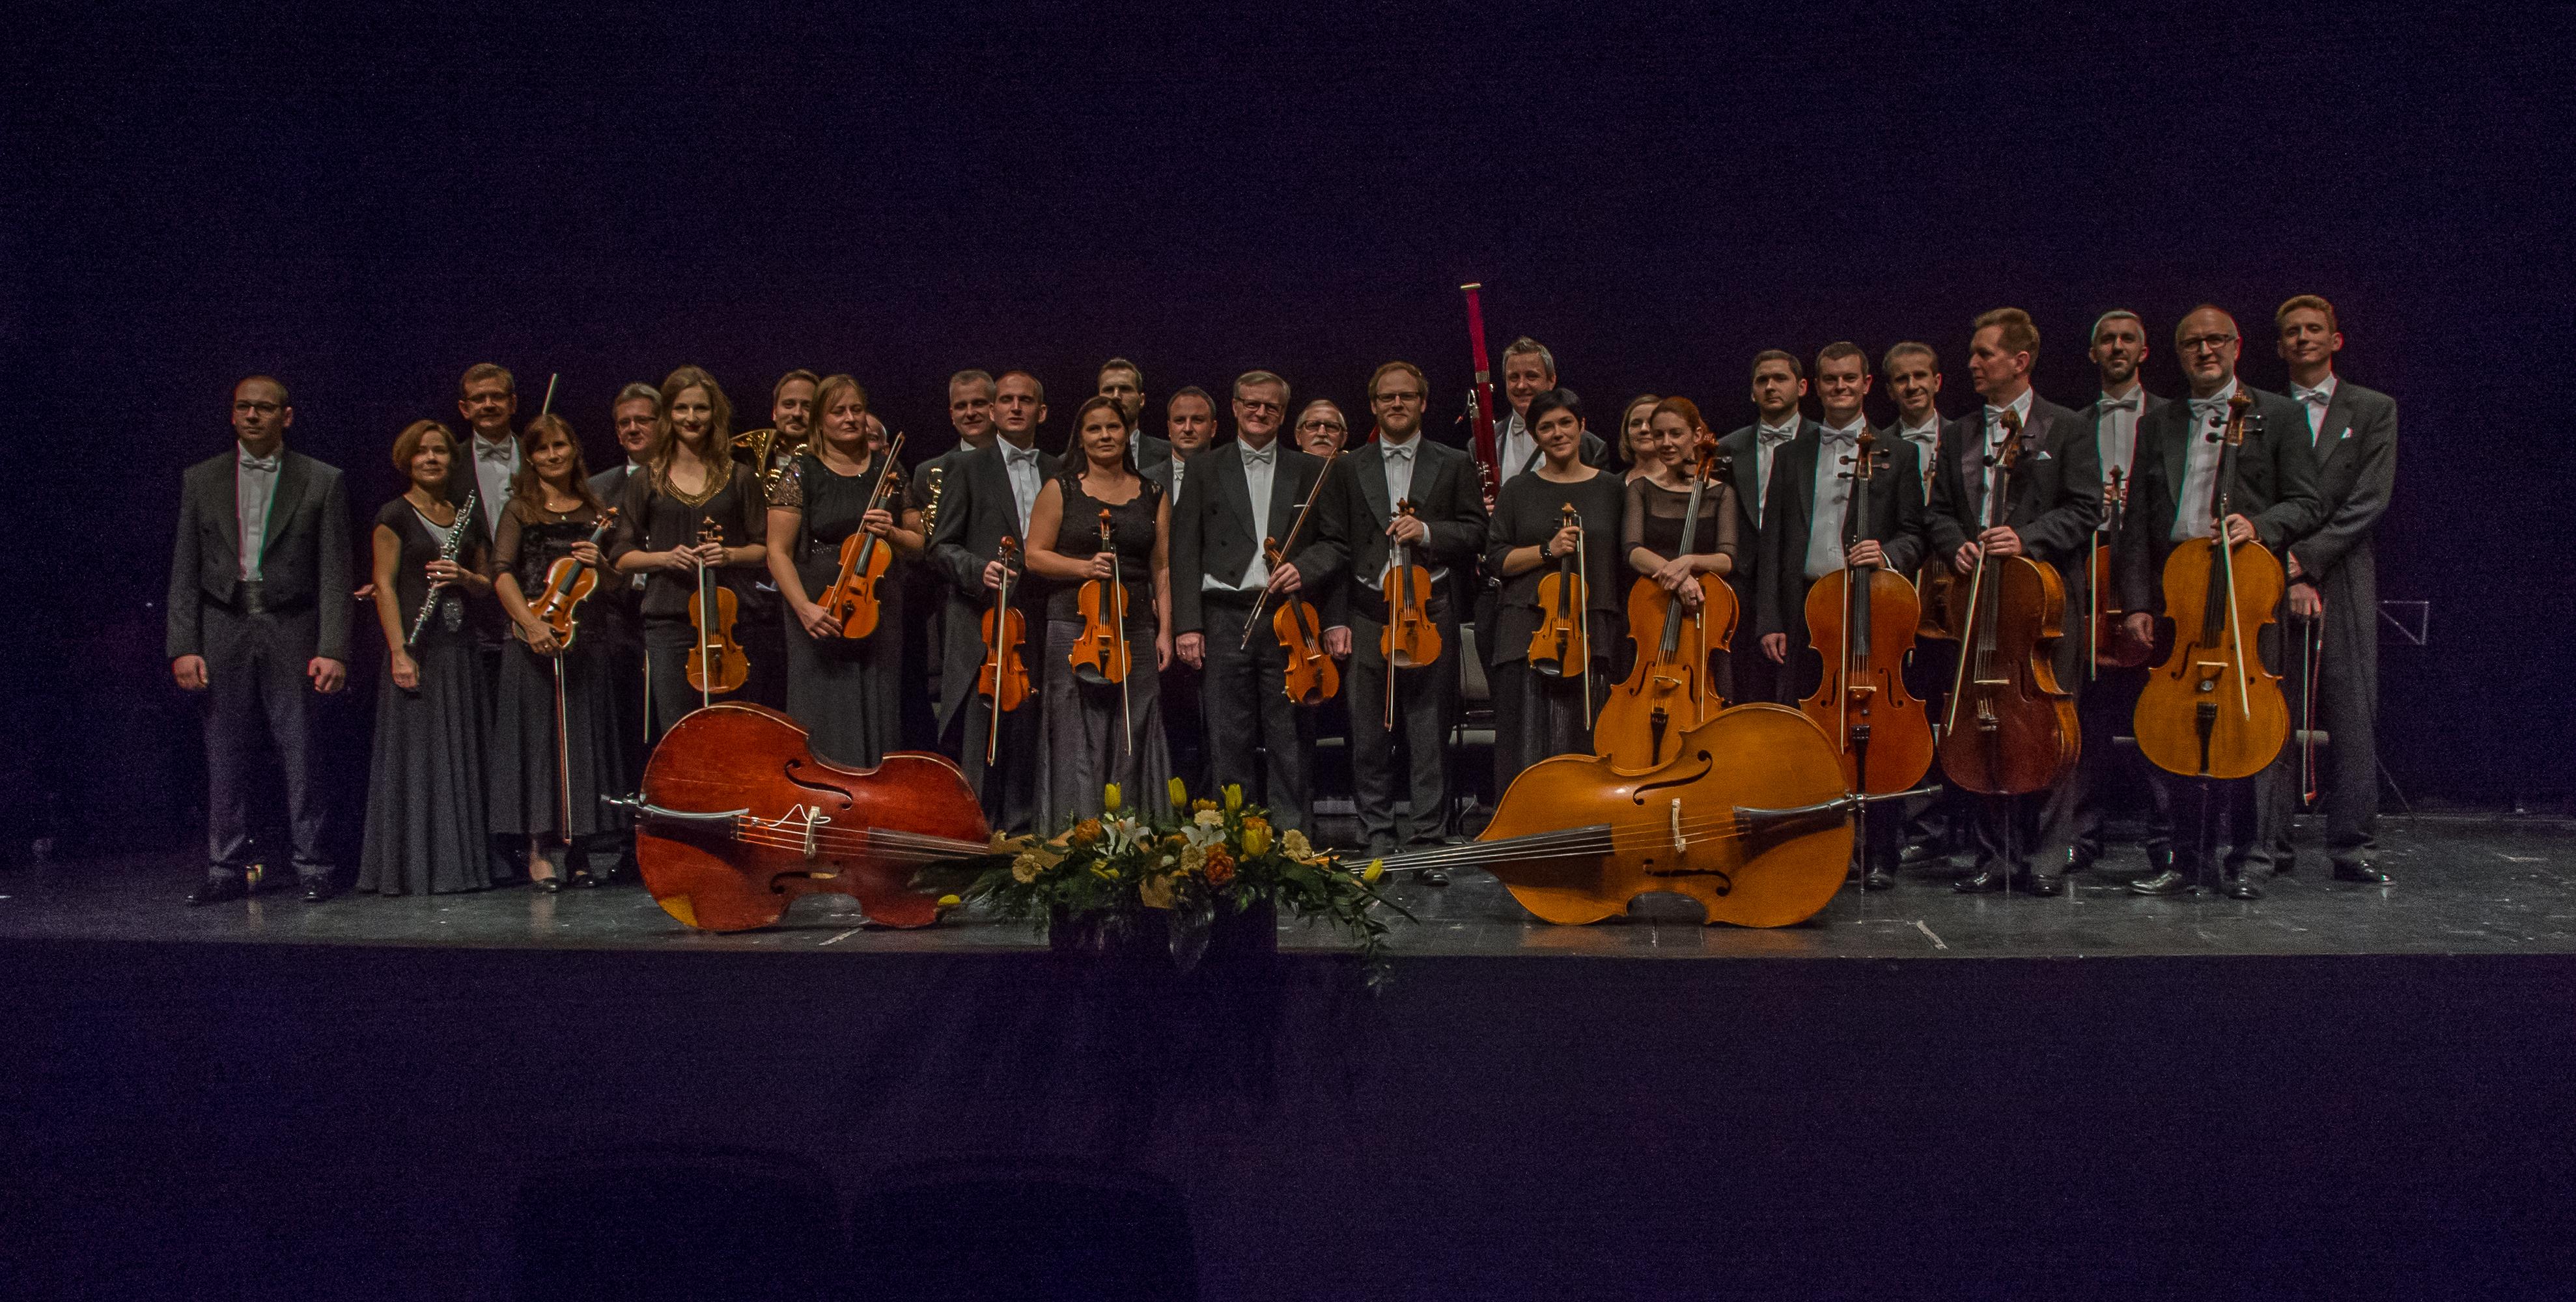 instrumentaliści na scenie po koncercie